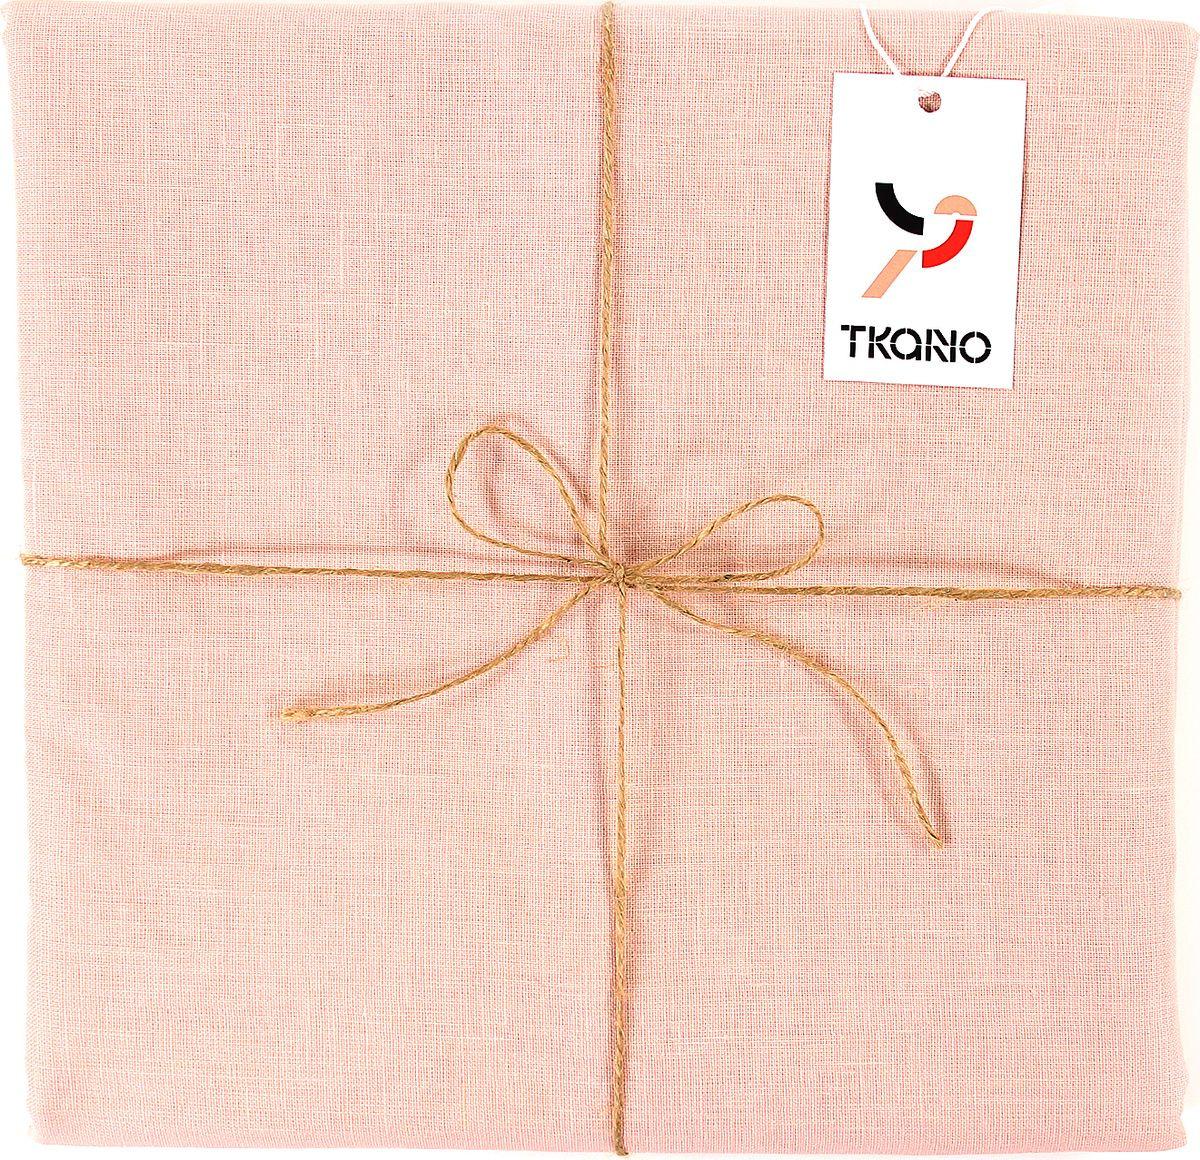 Скатерть Tkano Essential, TK18-TС0019, с декоративной обработкой, пыльная роза, 143 x 250 см